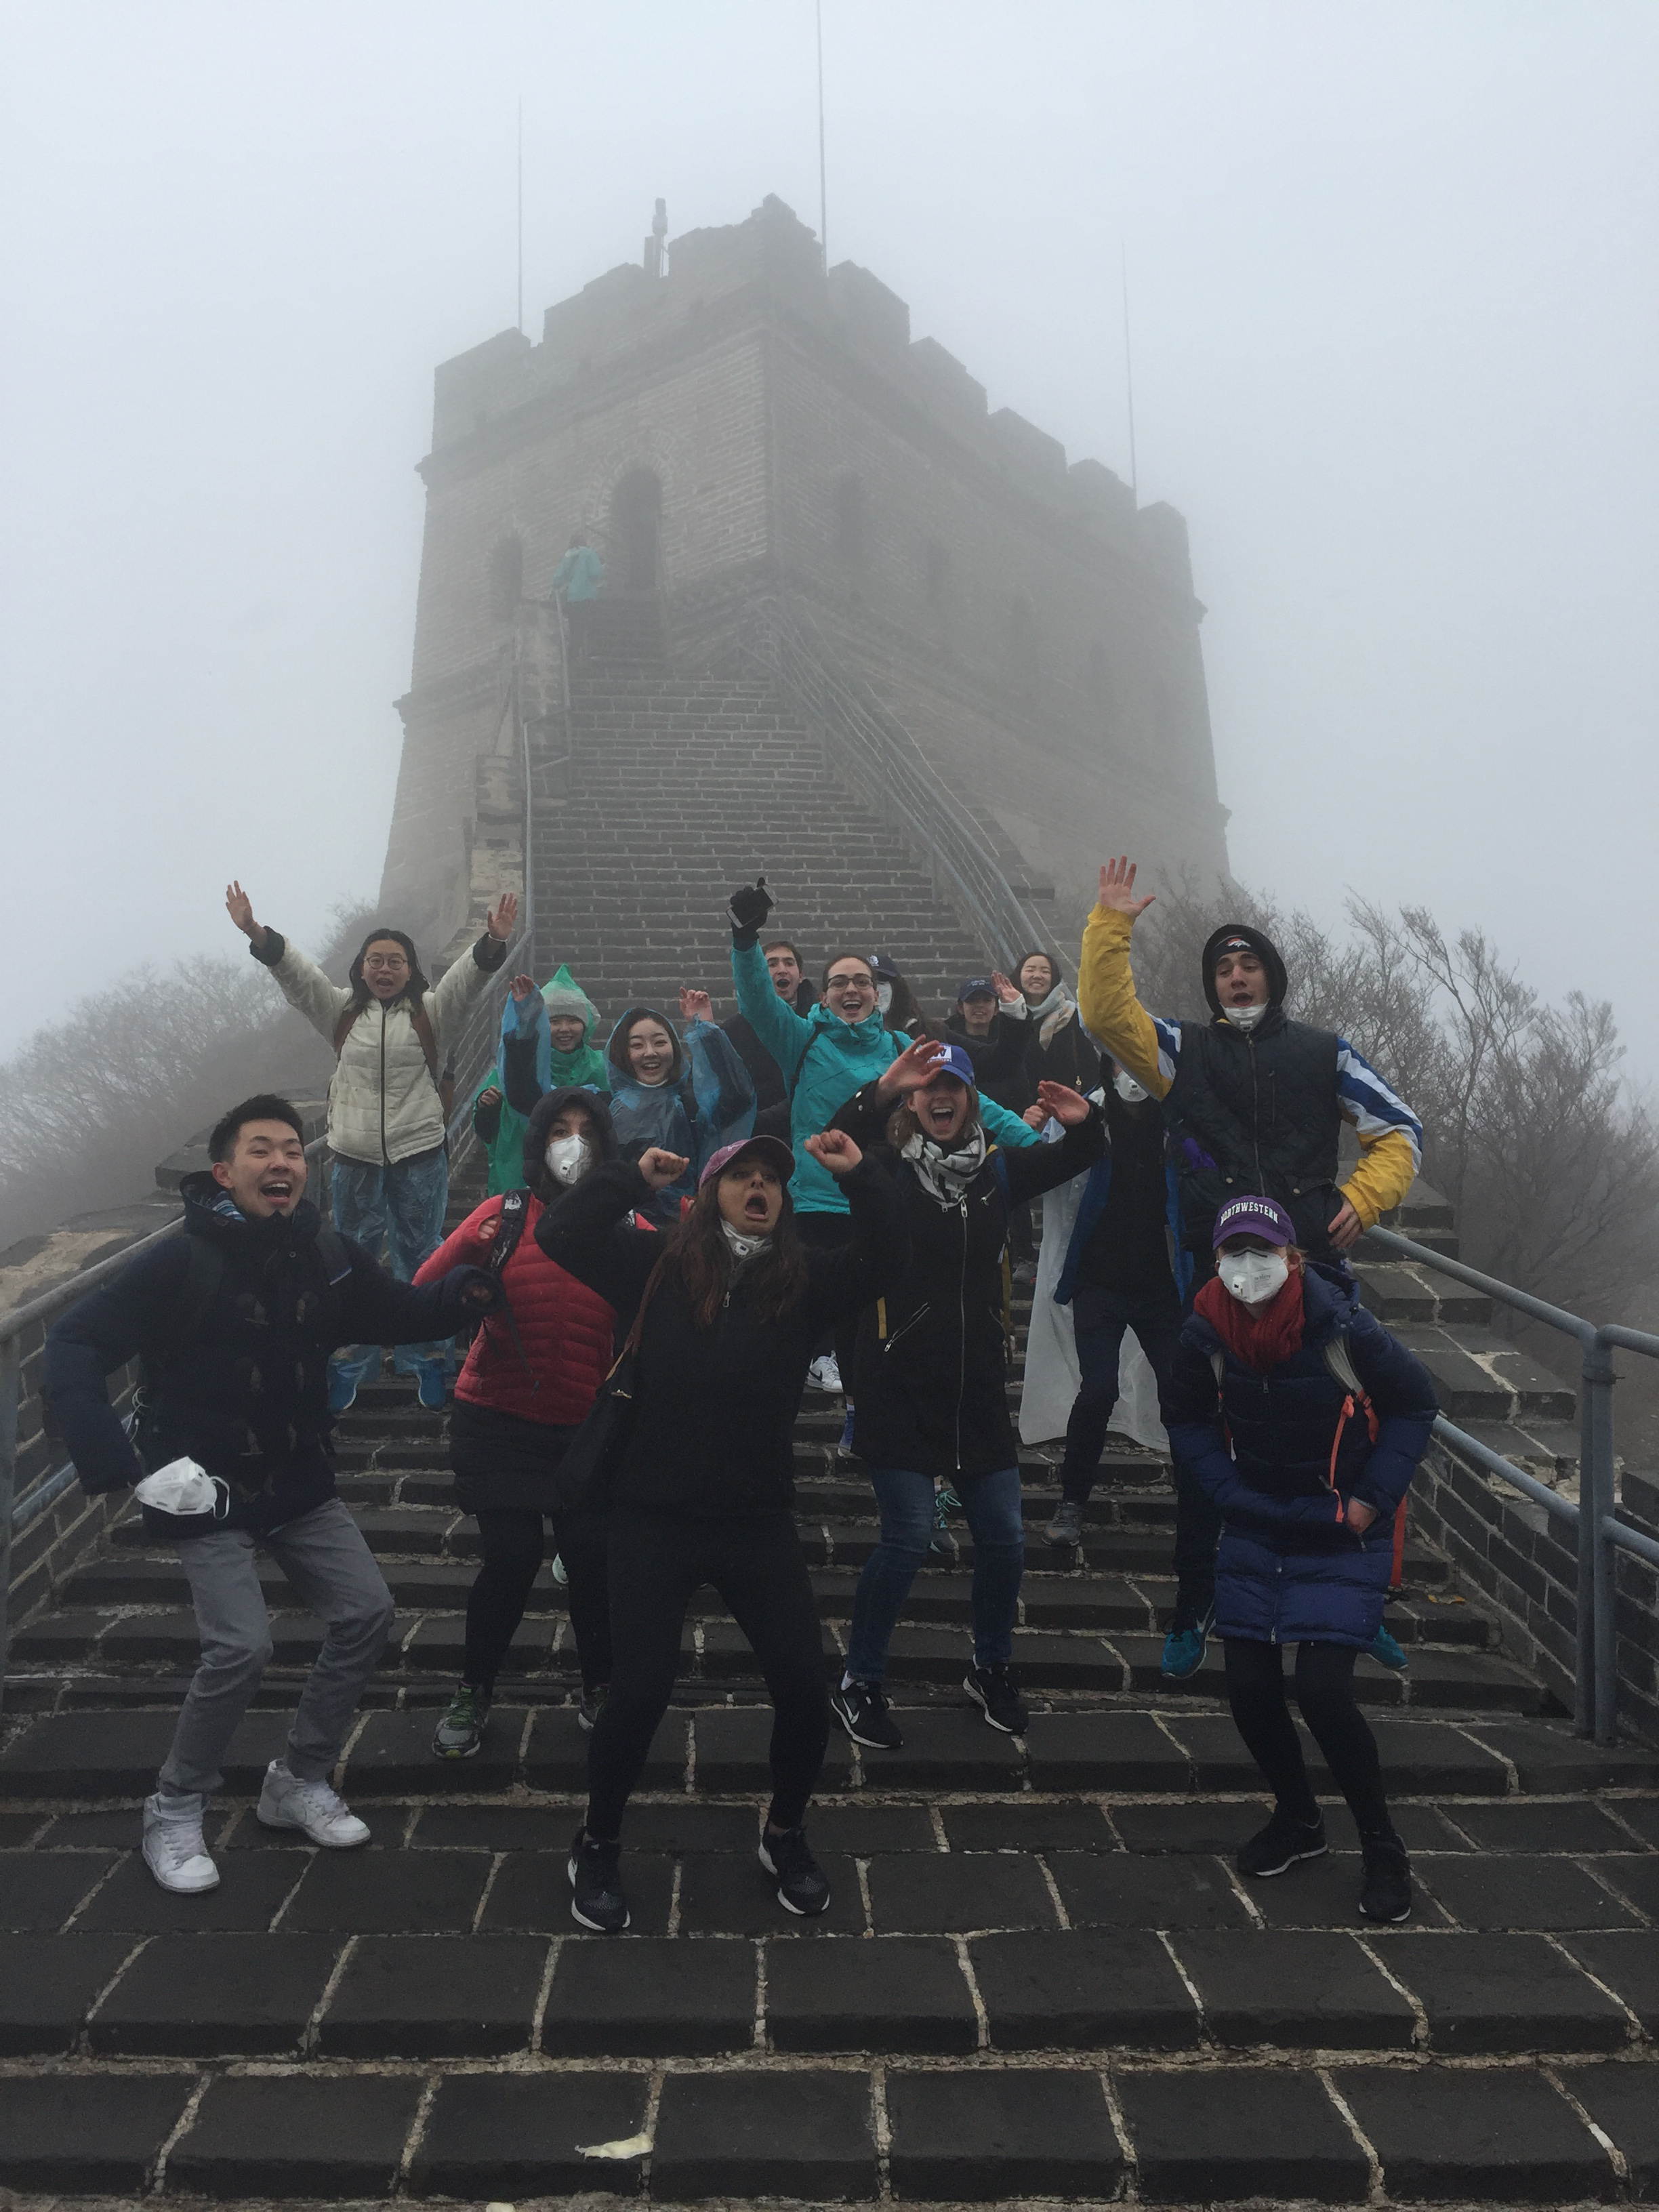 Medill students at the Great Wall of China